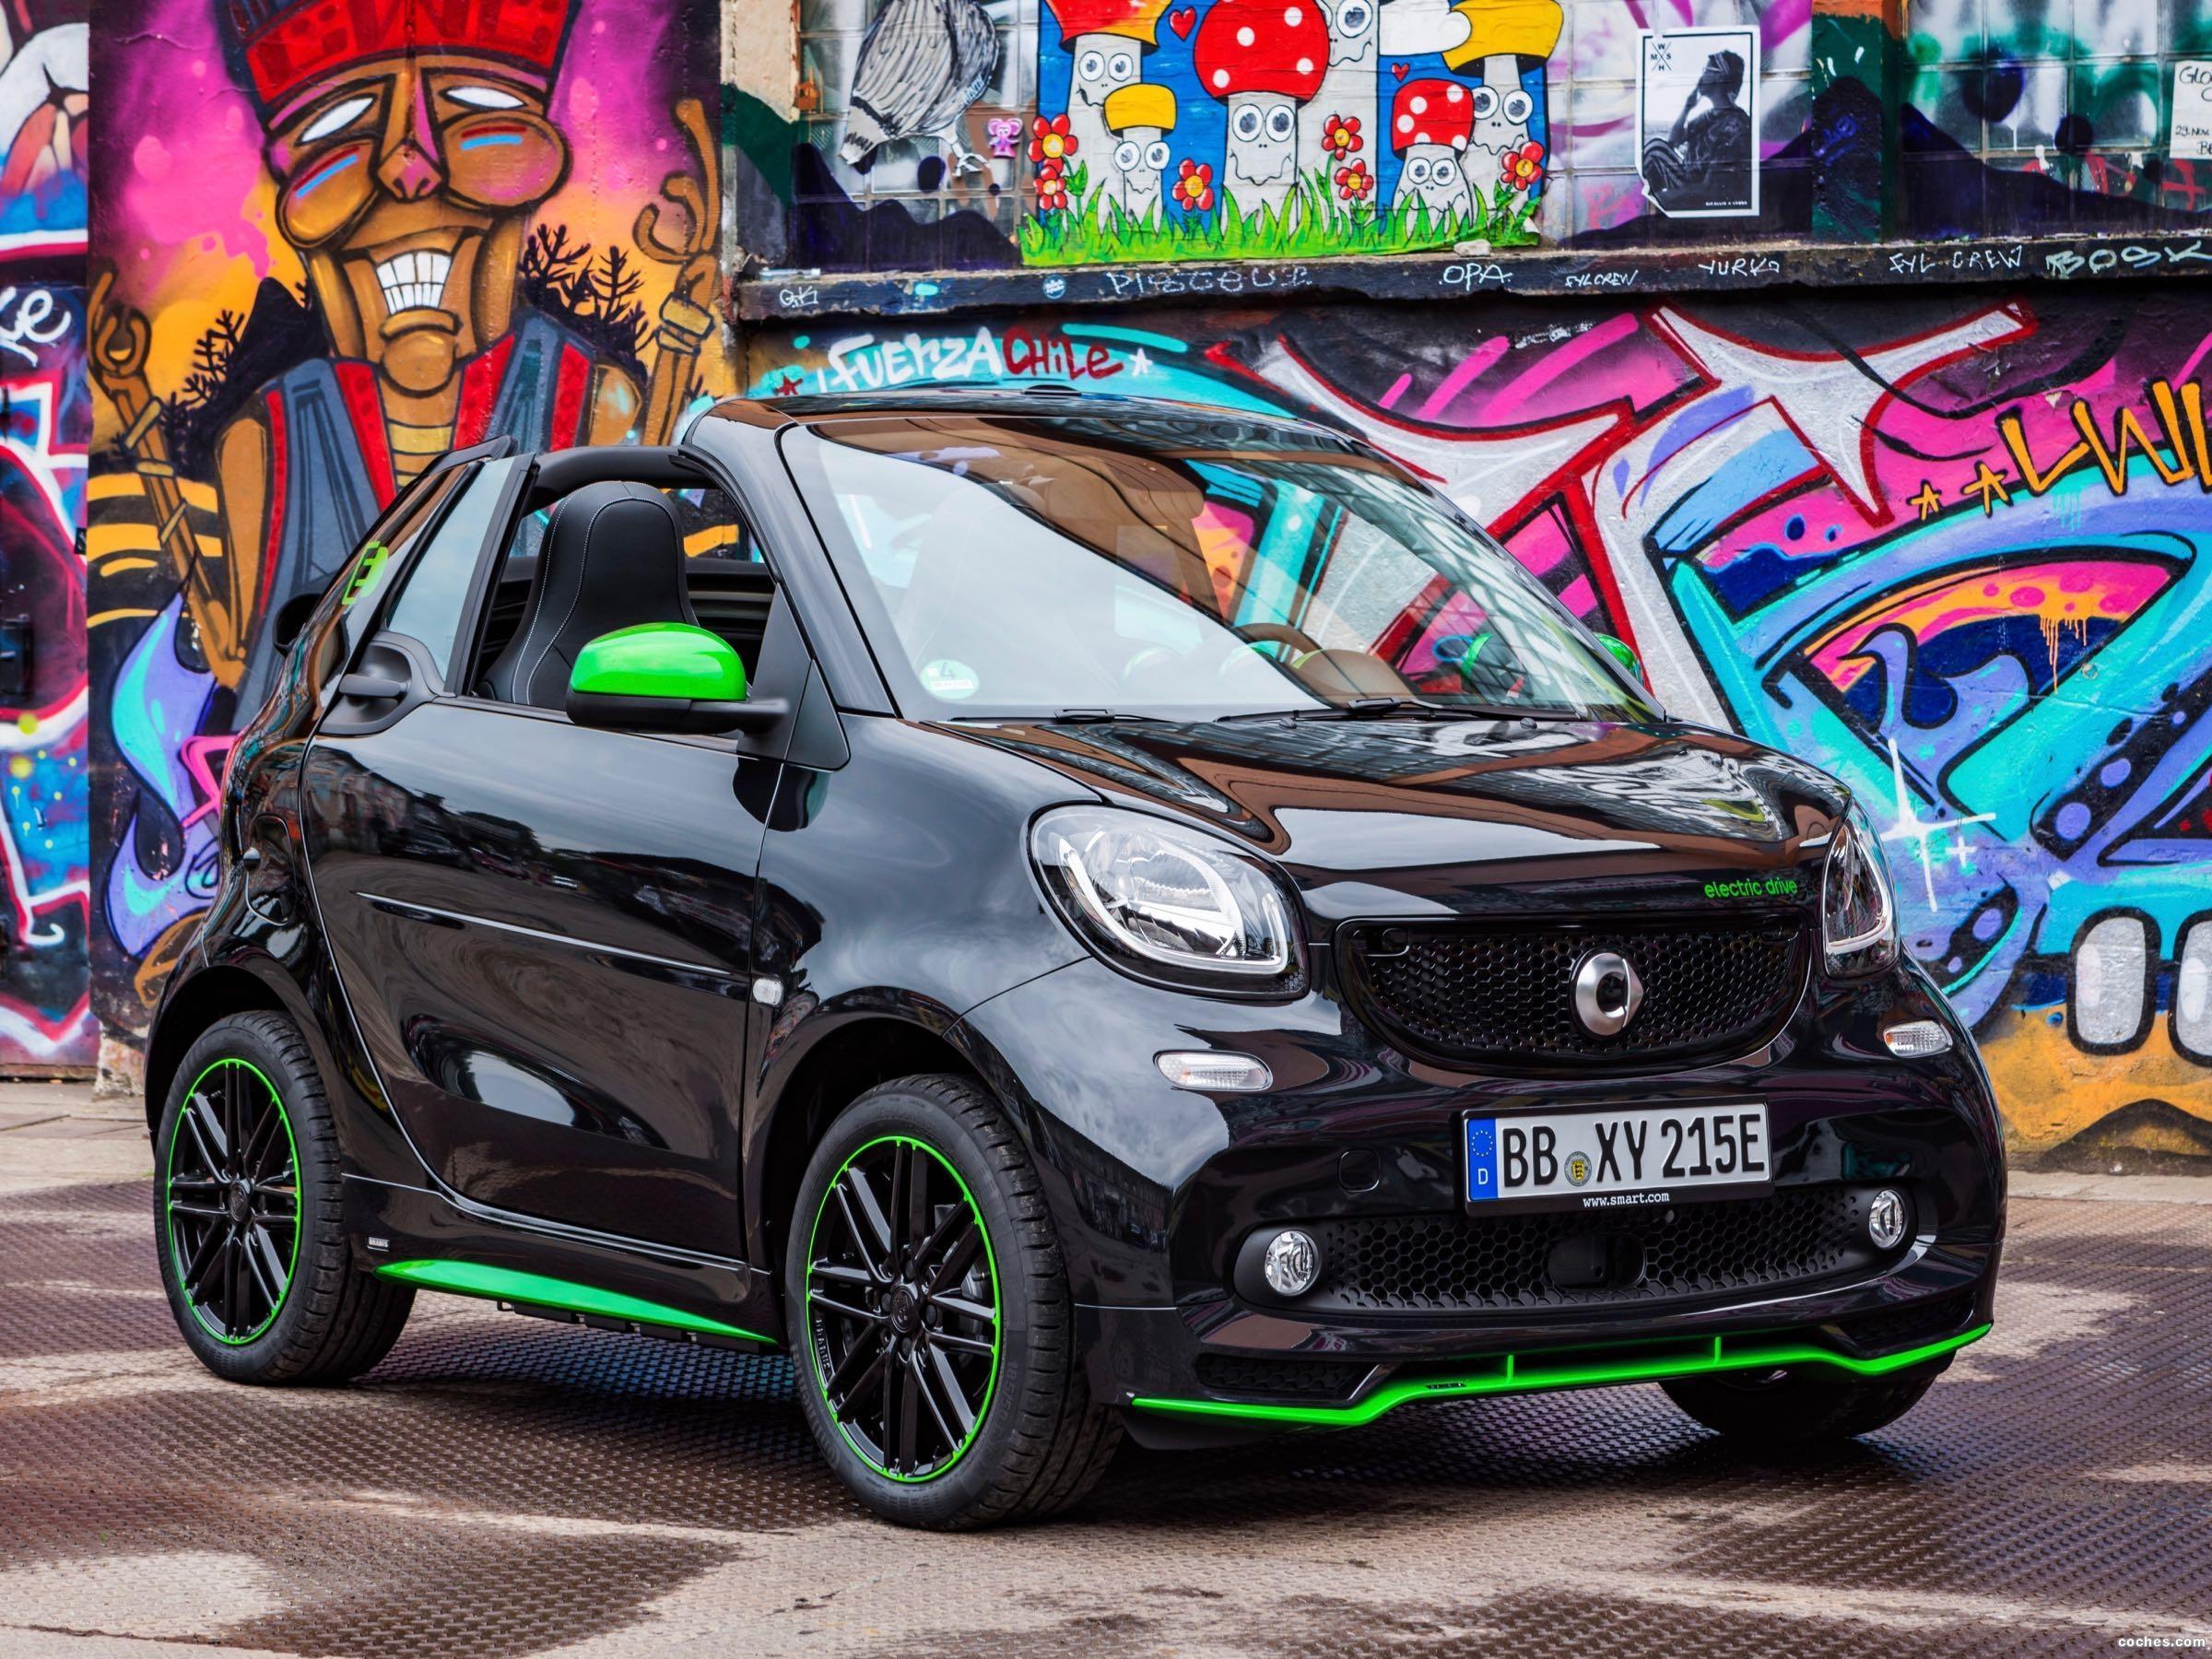 Foto 0 de Smart fortwo cabrio electric drive 2017